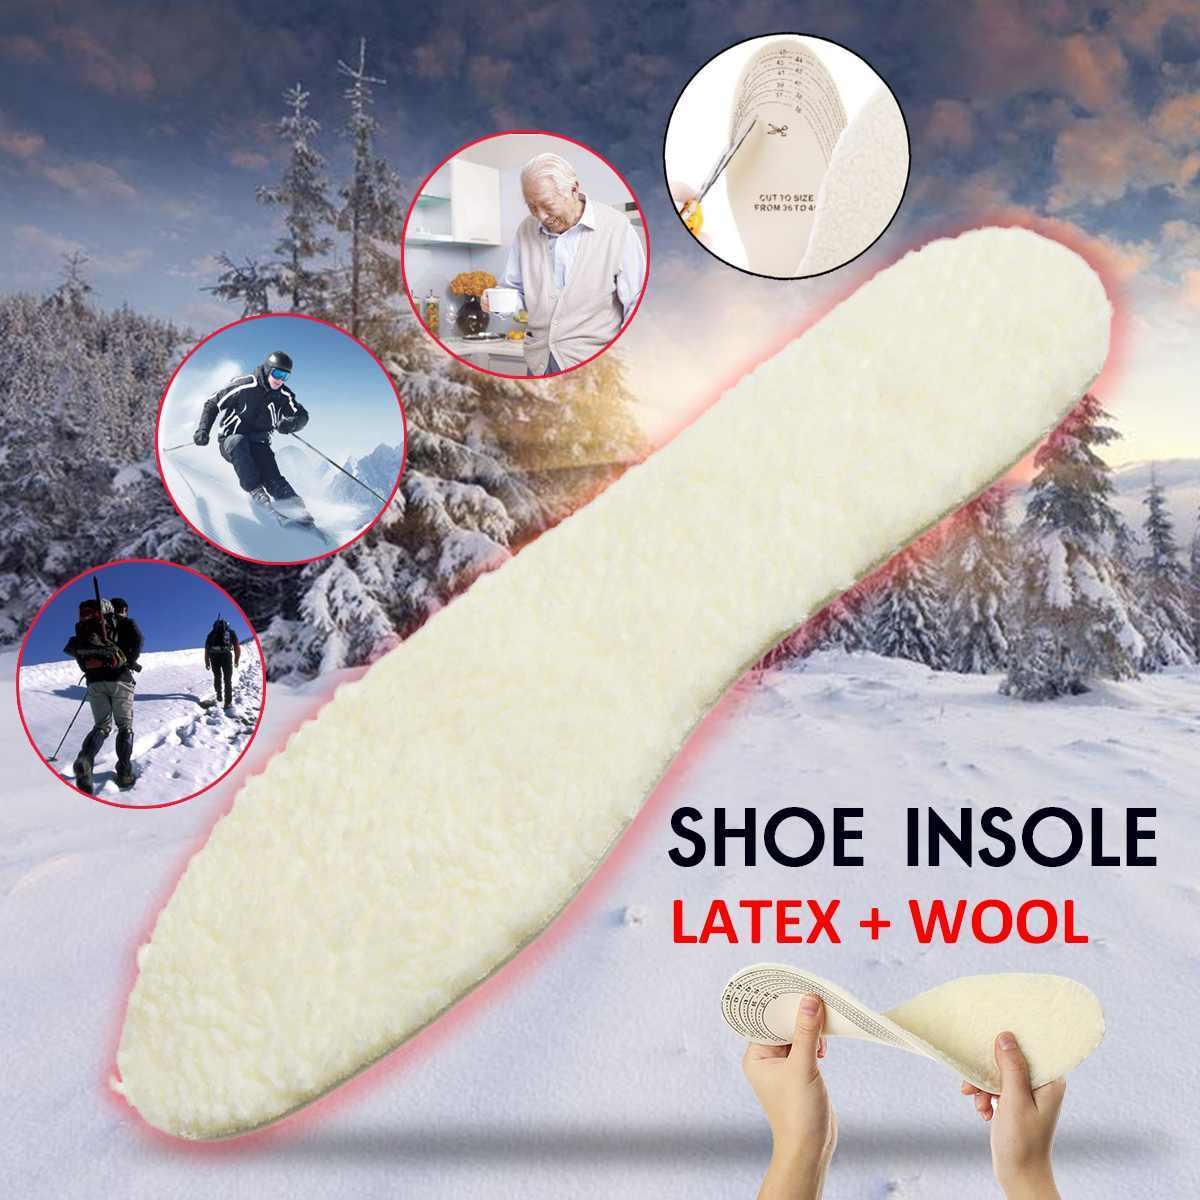 DIY Snijden Warm Inlegzolen voor Schoenen Winter Anti Koude Wollen Verdikte Innerlijke Zolen Schoen Pad voor Vrouwen Mannen Sport Sneeuw laarzen